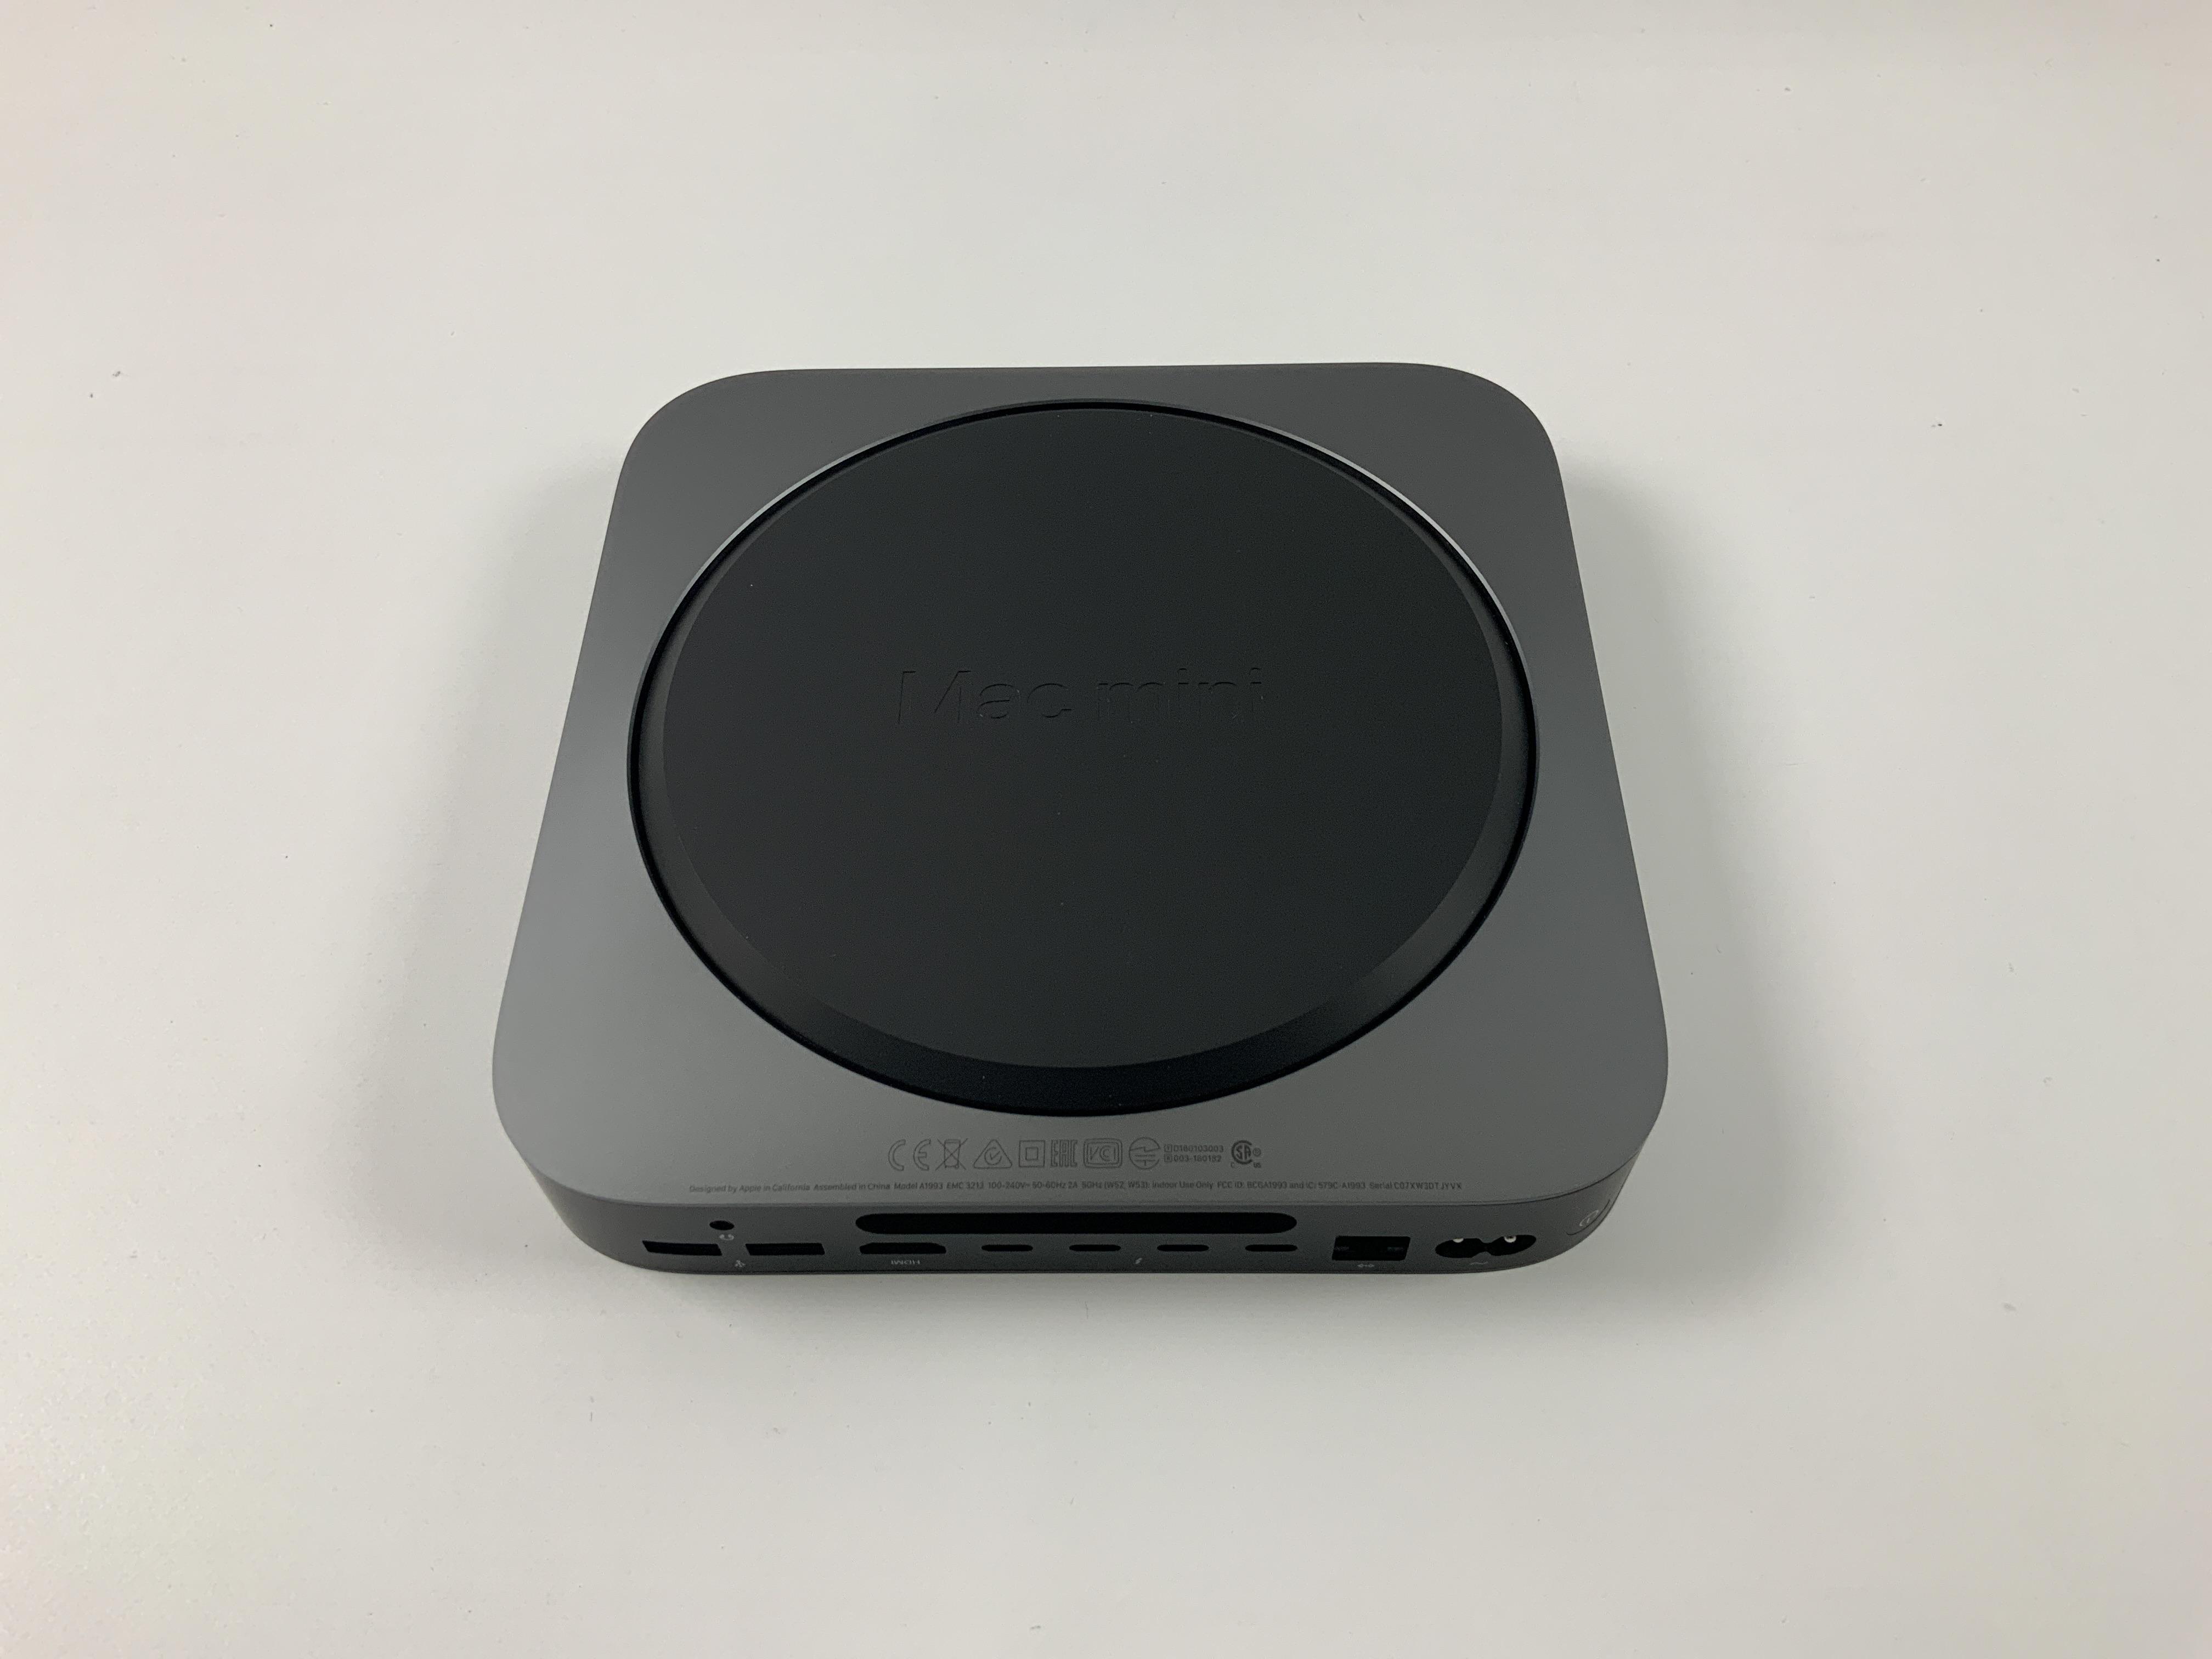 Mac Mini Late 2018 (Intel 6-Core i5 3.0 GHz 32 GB RAM 256 GB SSD), Intel 6-Core i5 3.0 GHz, 32 GB RAM, 256 GB SSD, Afbeelding 2